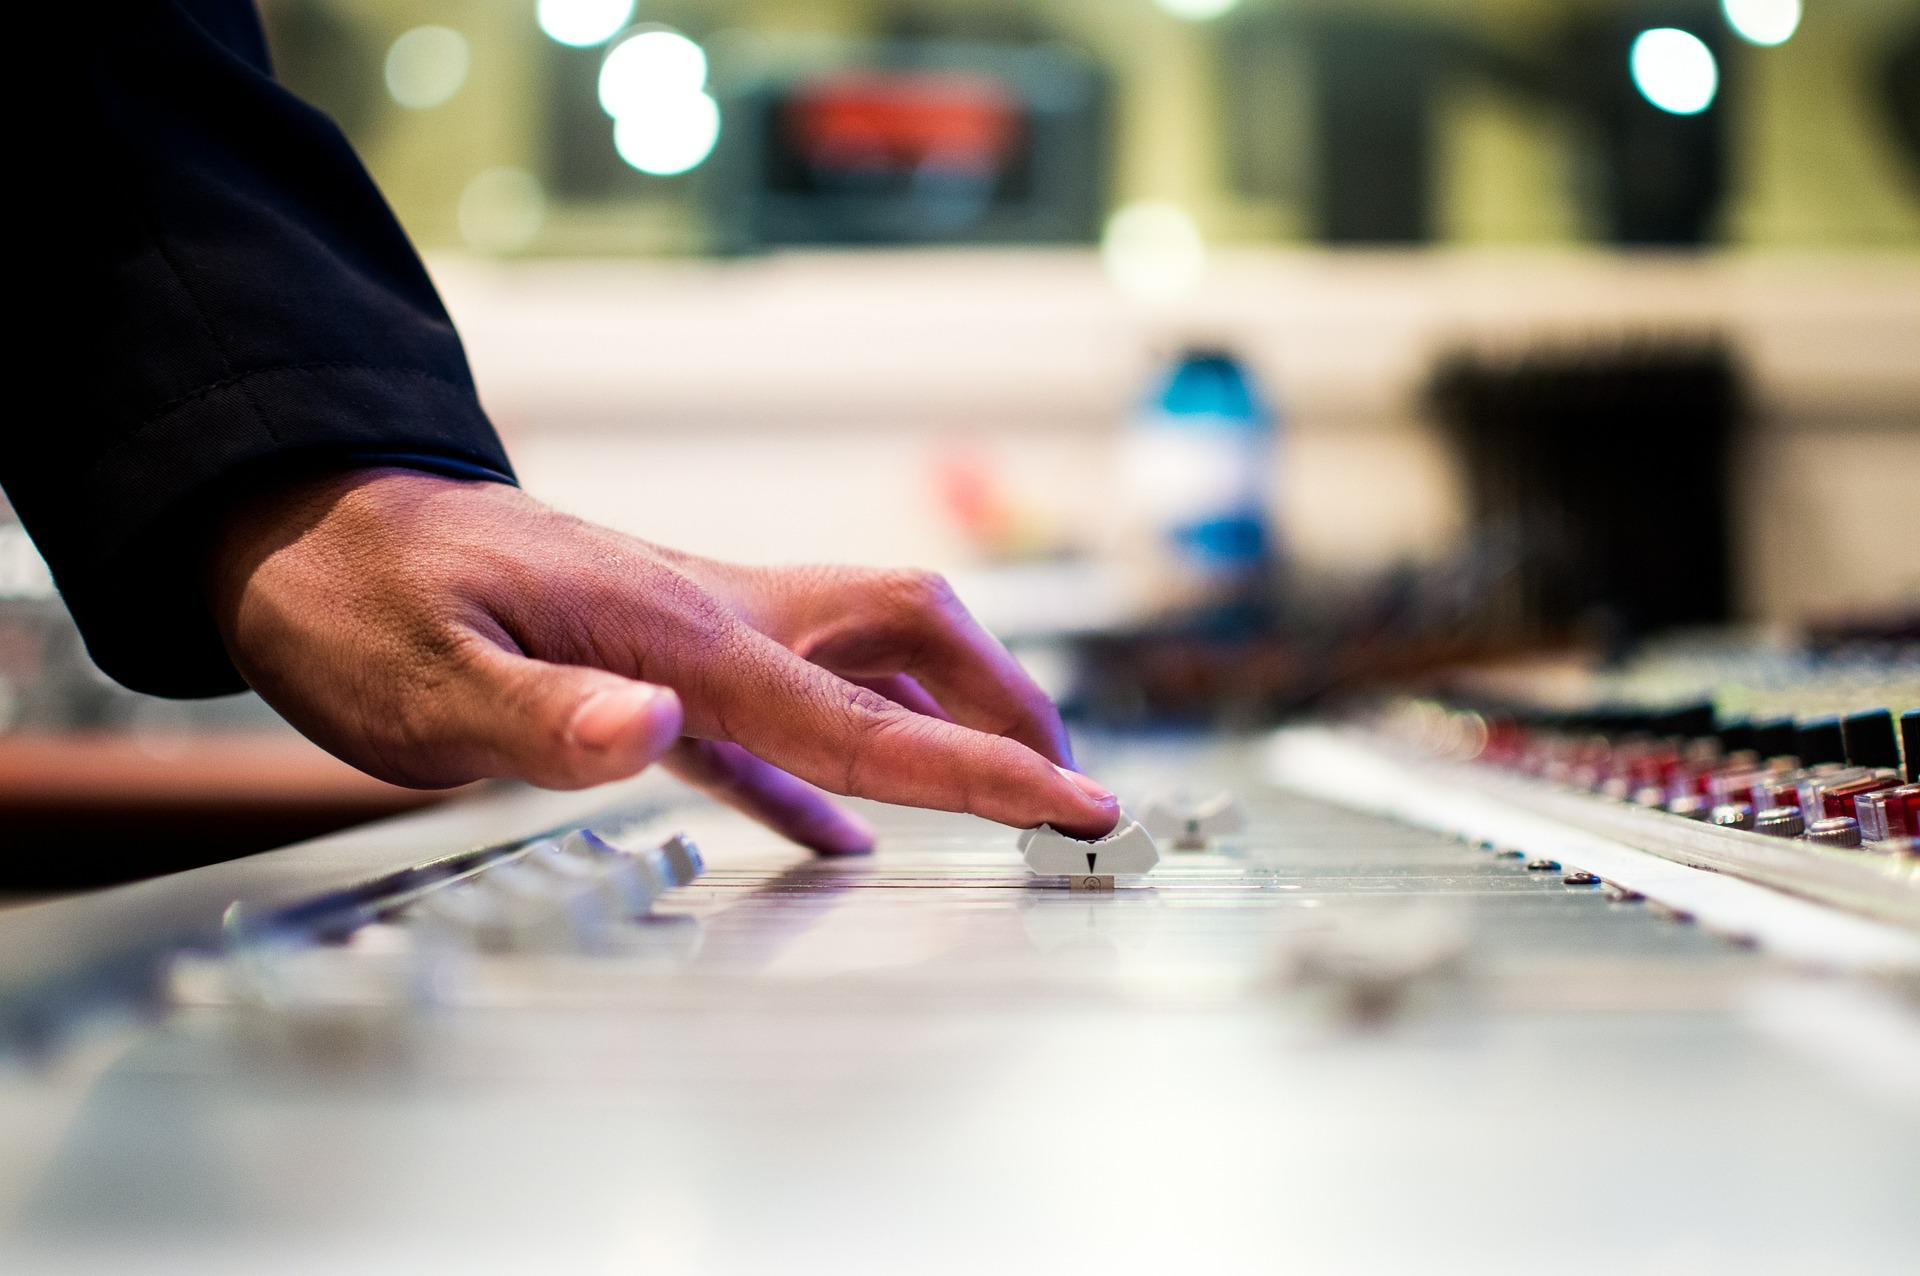 表, 混合物, 声音, DJ, 均衡器 - 高清壁纸 - 教授-falken.com